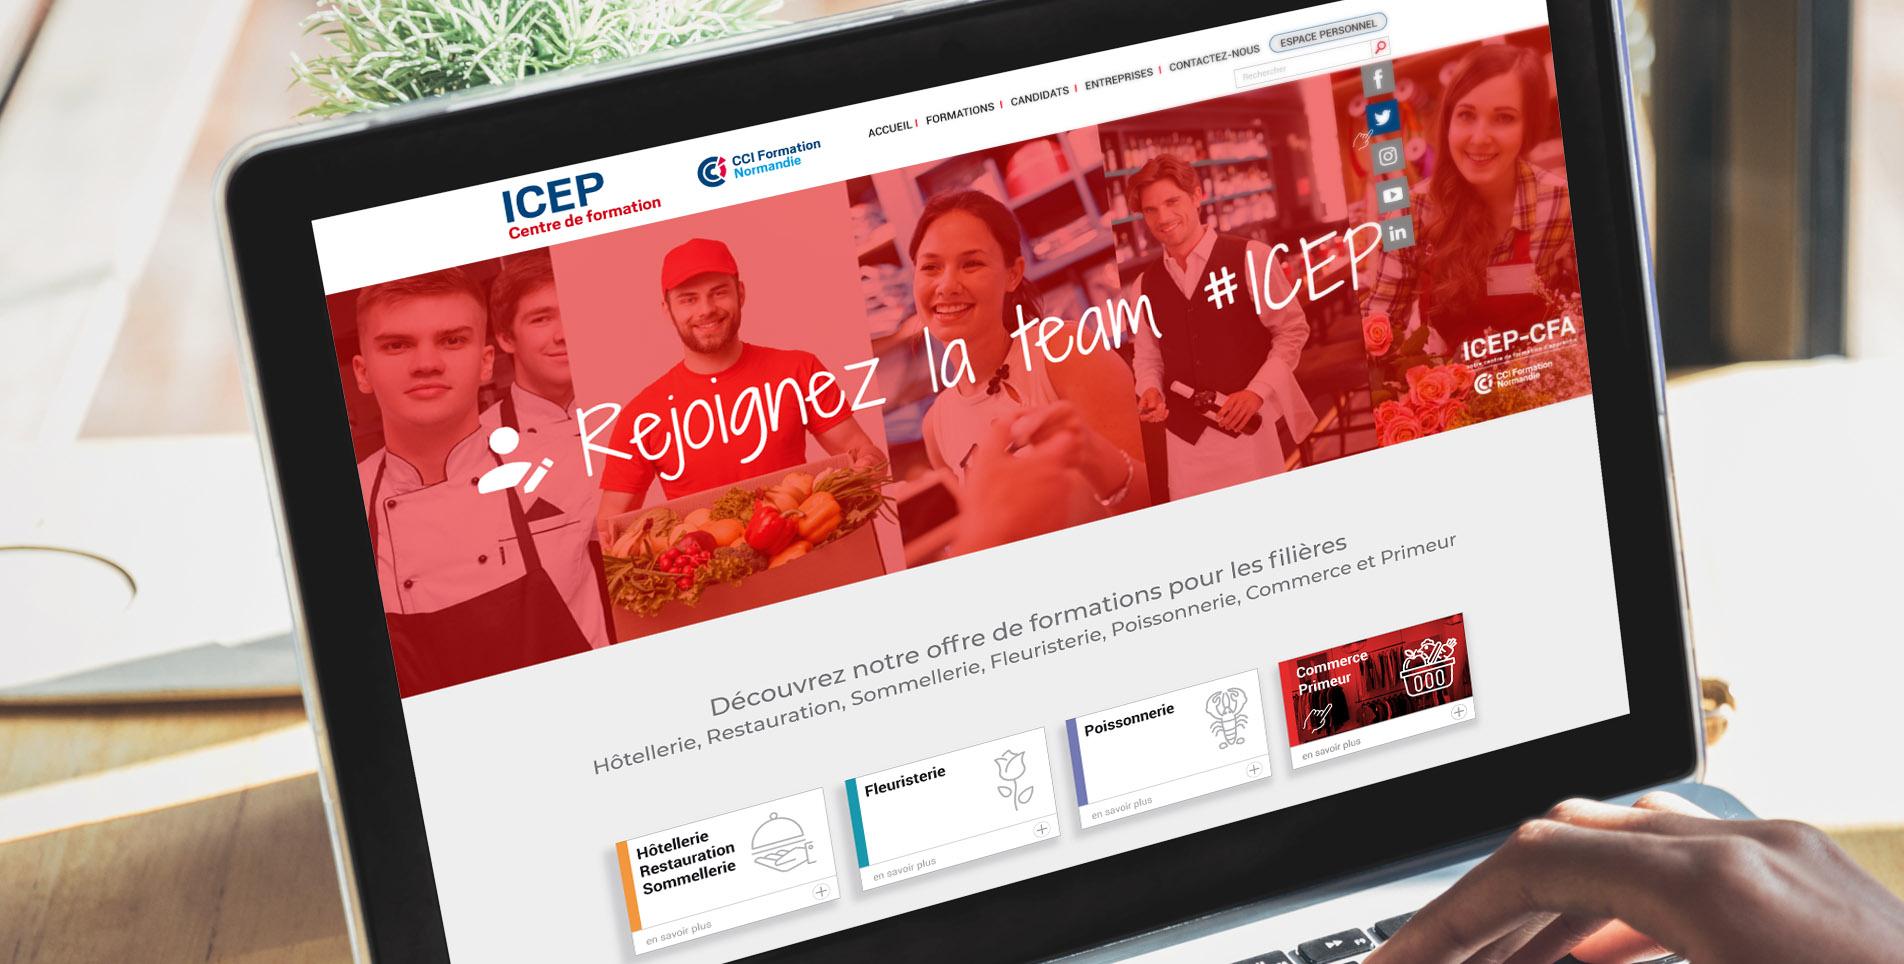 L'ICEP propose des formations en apprentissage du CAP au BTS